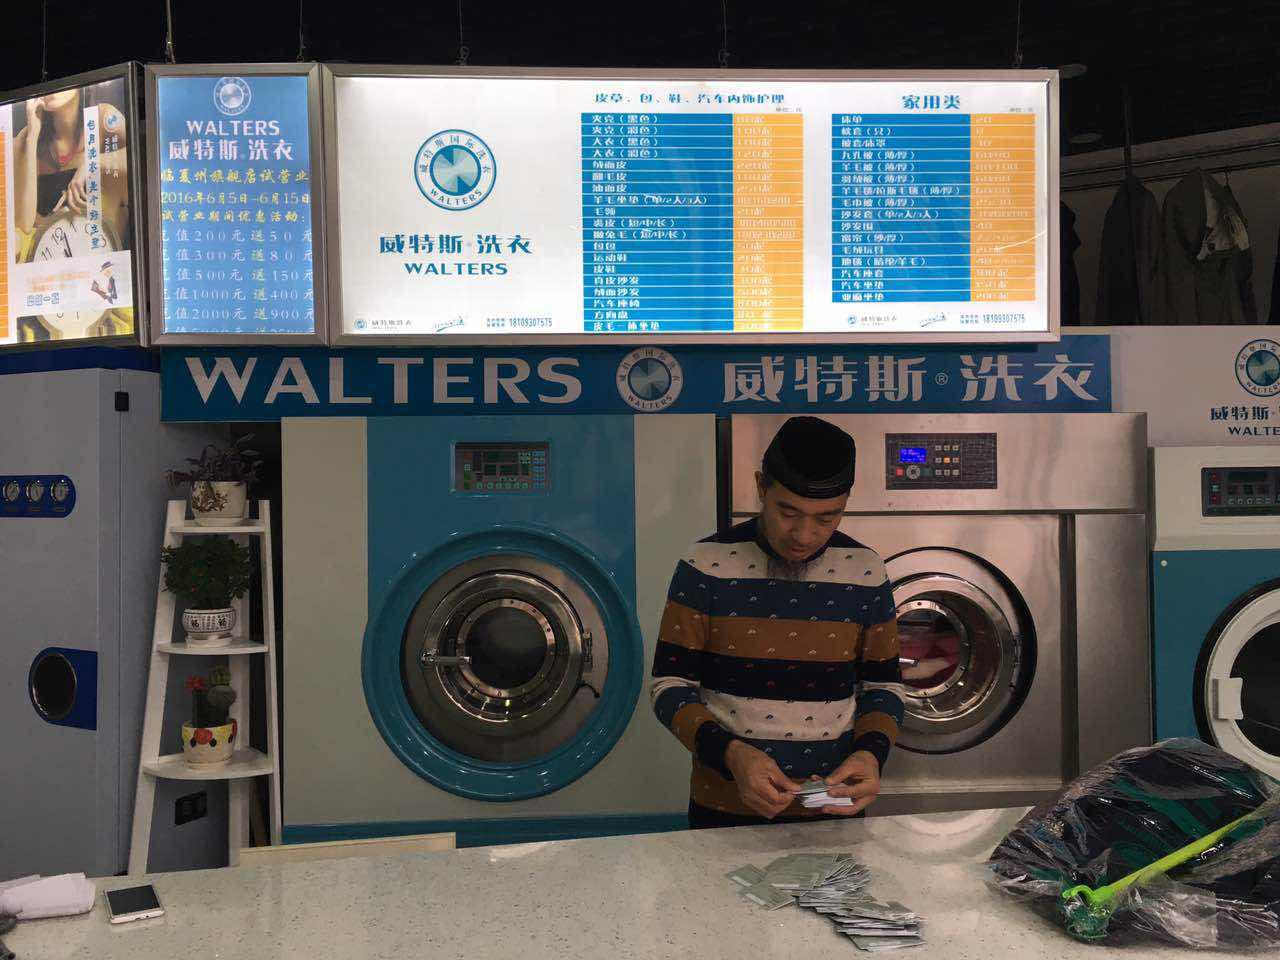 开干洗加盟店总共需要投资多少钱